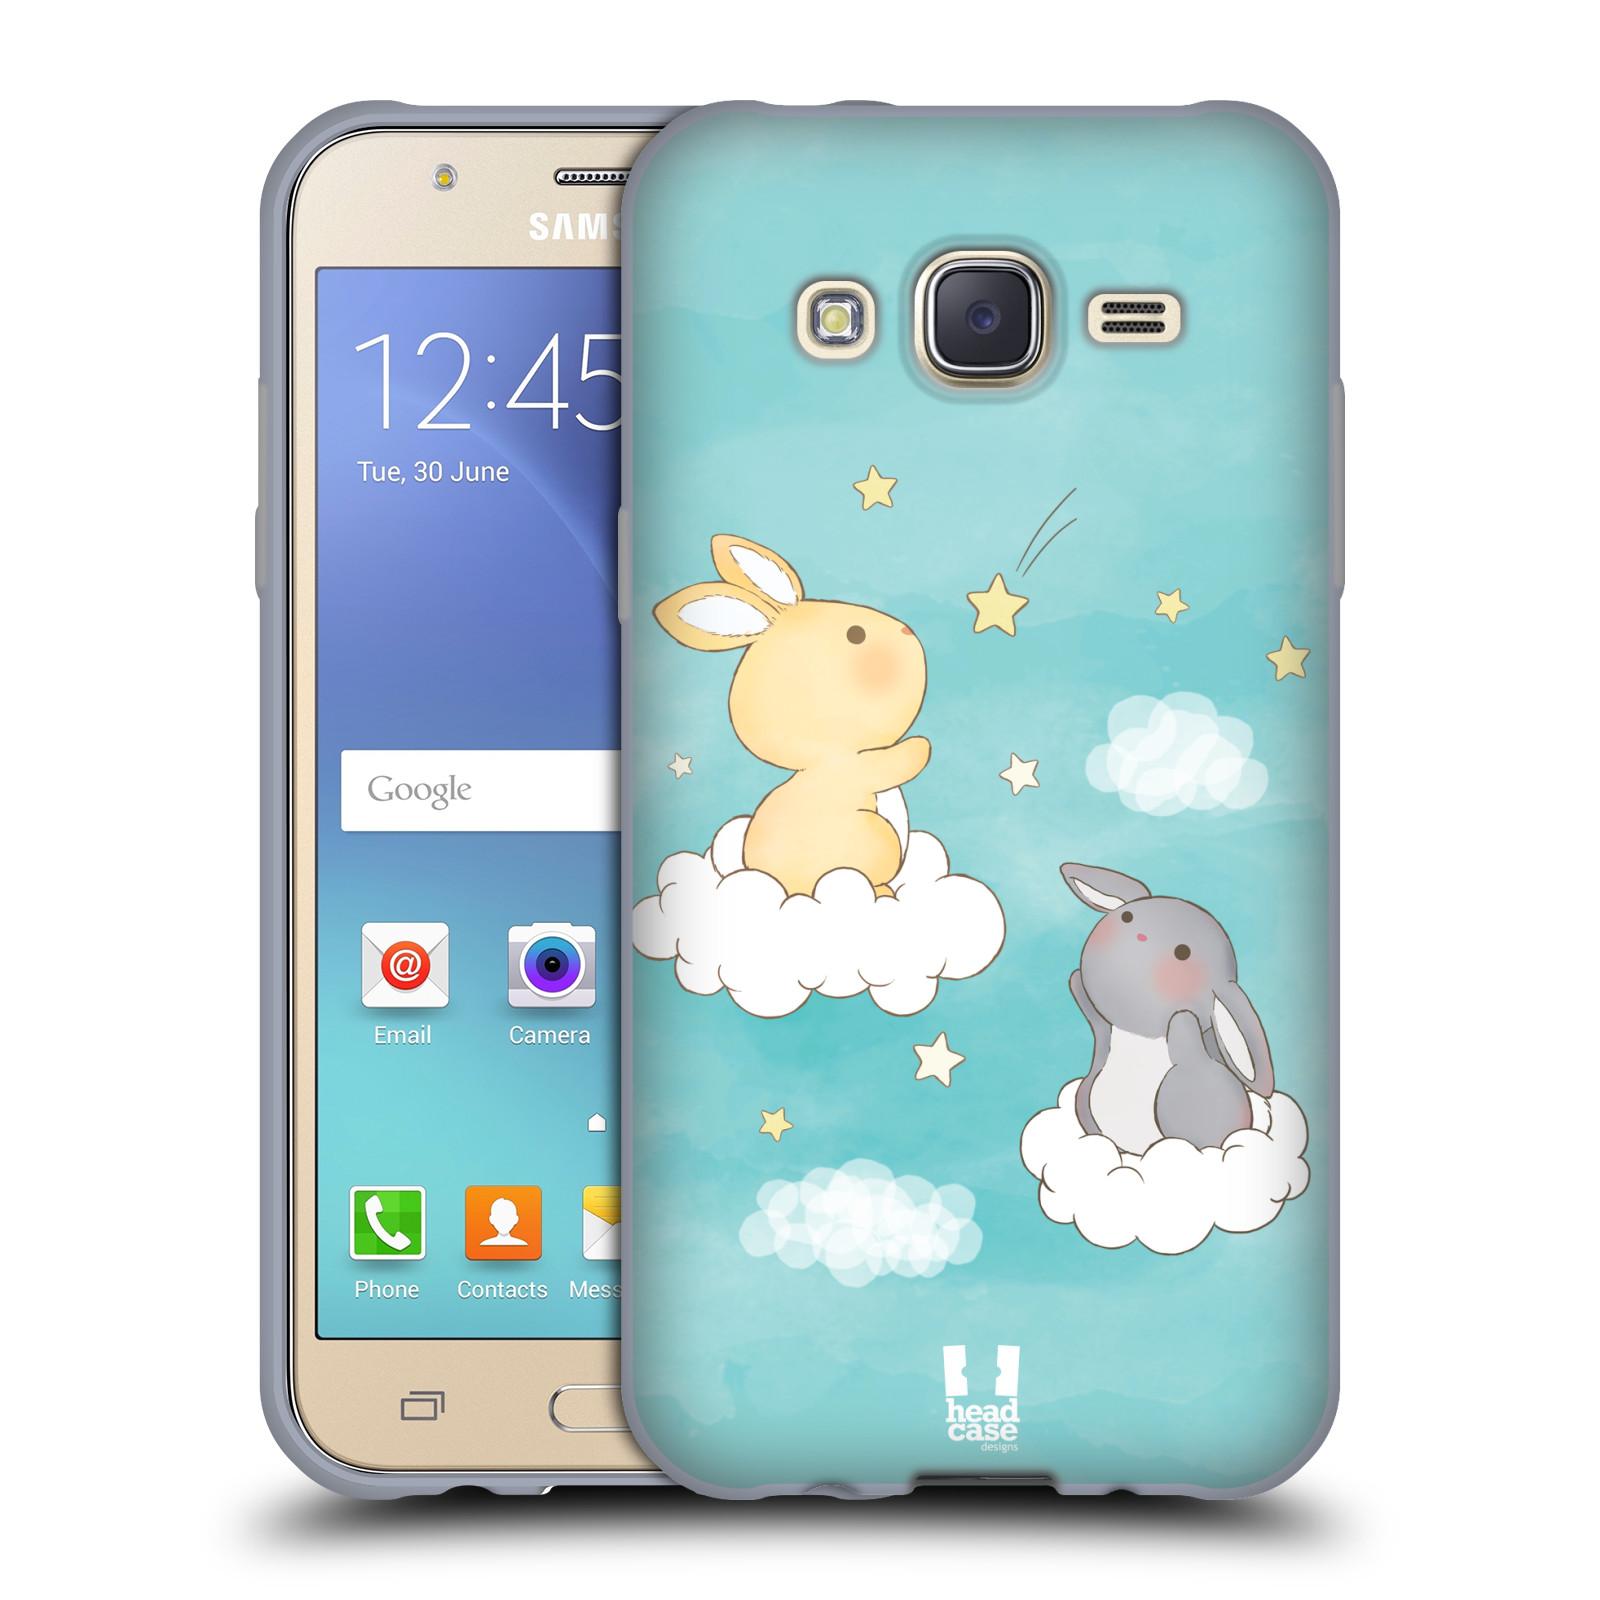 HEAD CASE silikonový obal na mobil Samsung Galaxy J5, J500, (J5 DUOS) vzor králíček a hvězdy modrá